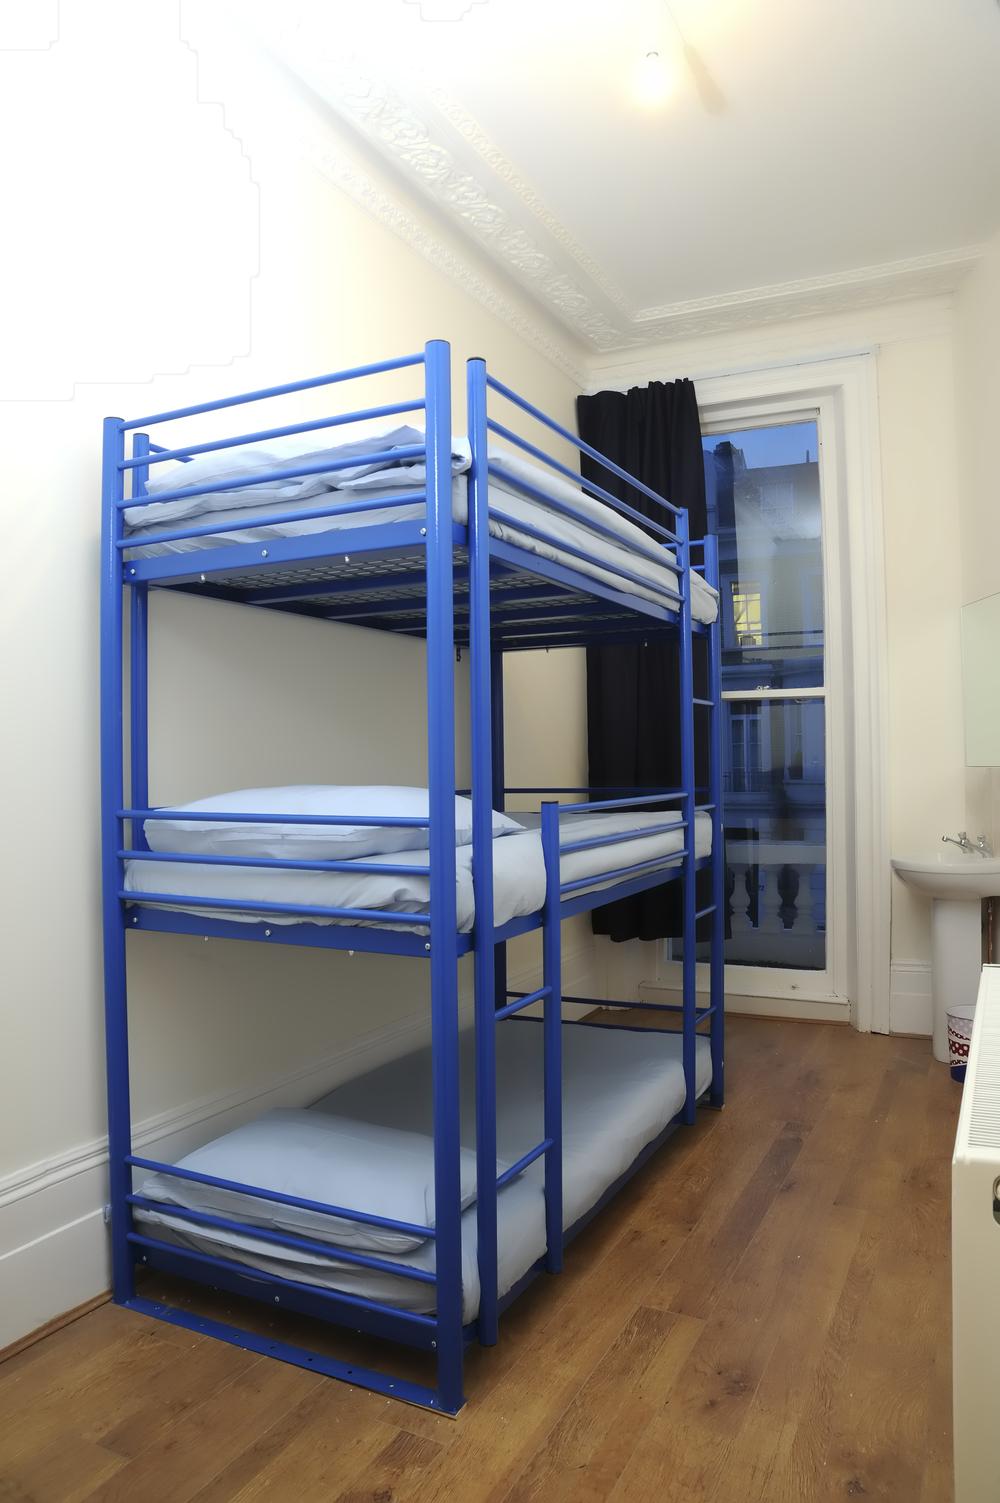 triple-hostel-bunk-beds.jpg